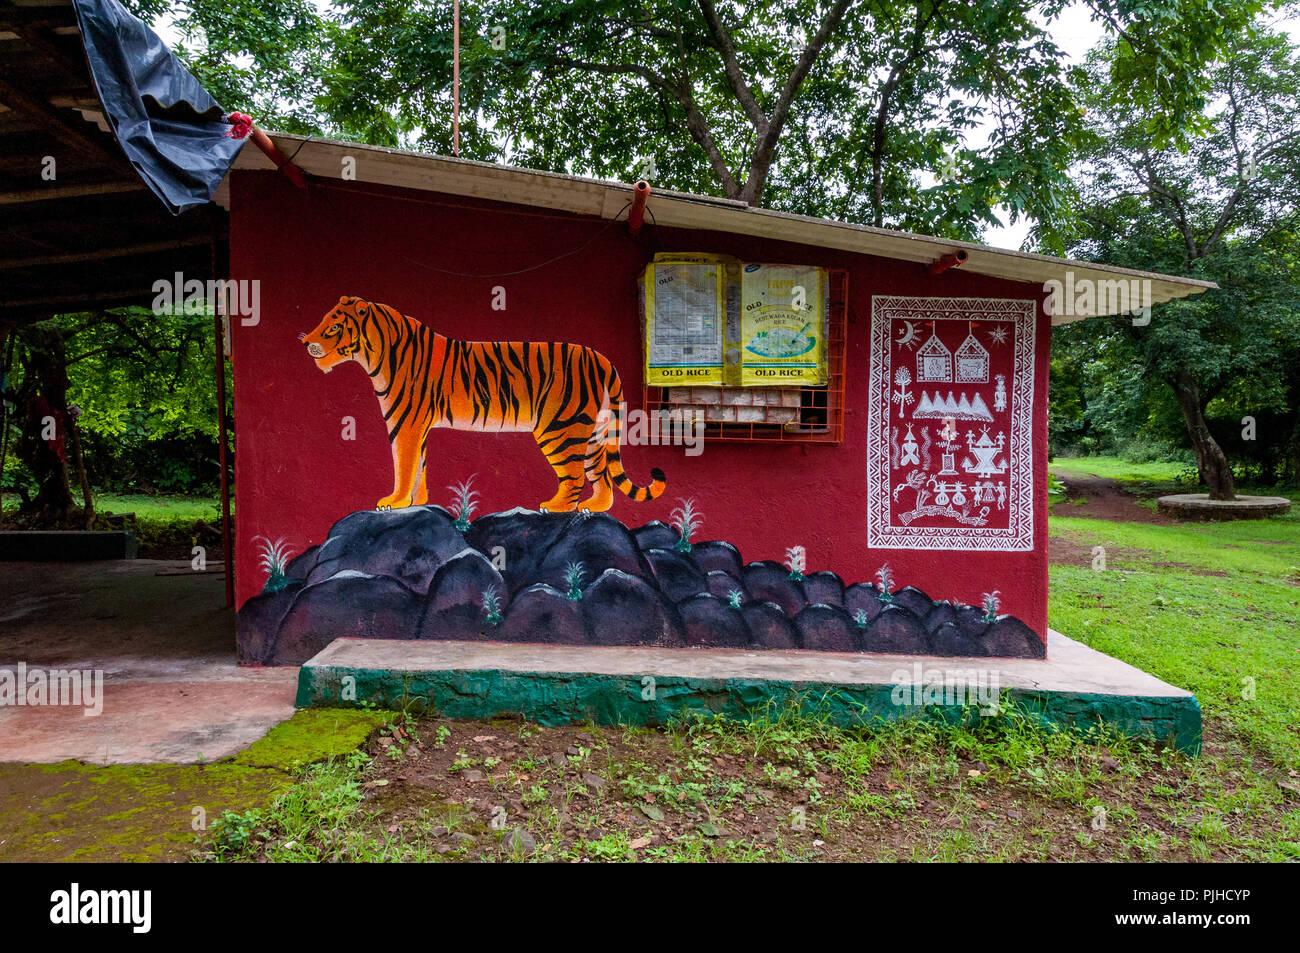 MUMBAI, India - El 9 de agosto de 2018: Mural de un tigre en un templo Warli rodeado por árboles. Warli tribales indígenas son personas conocidas por su arte. volver Imagen De Stock